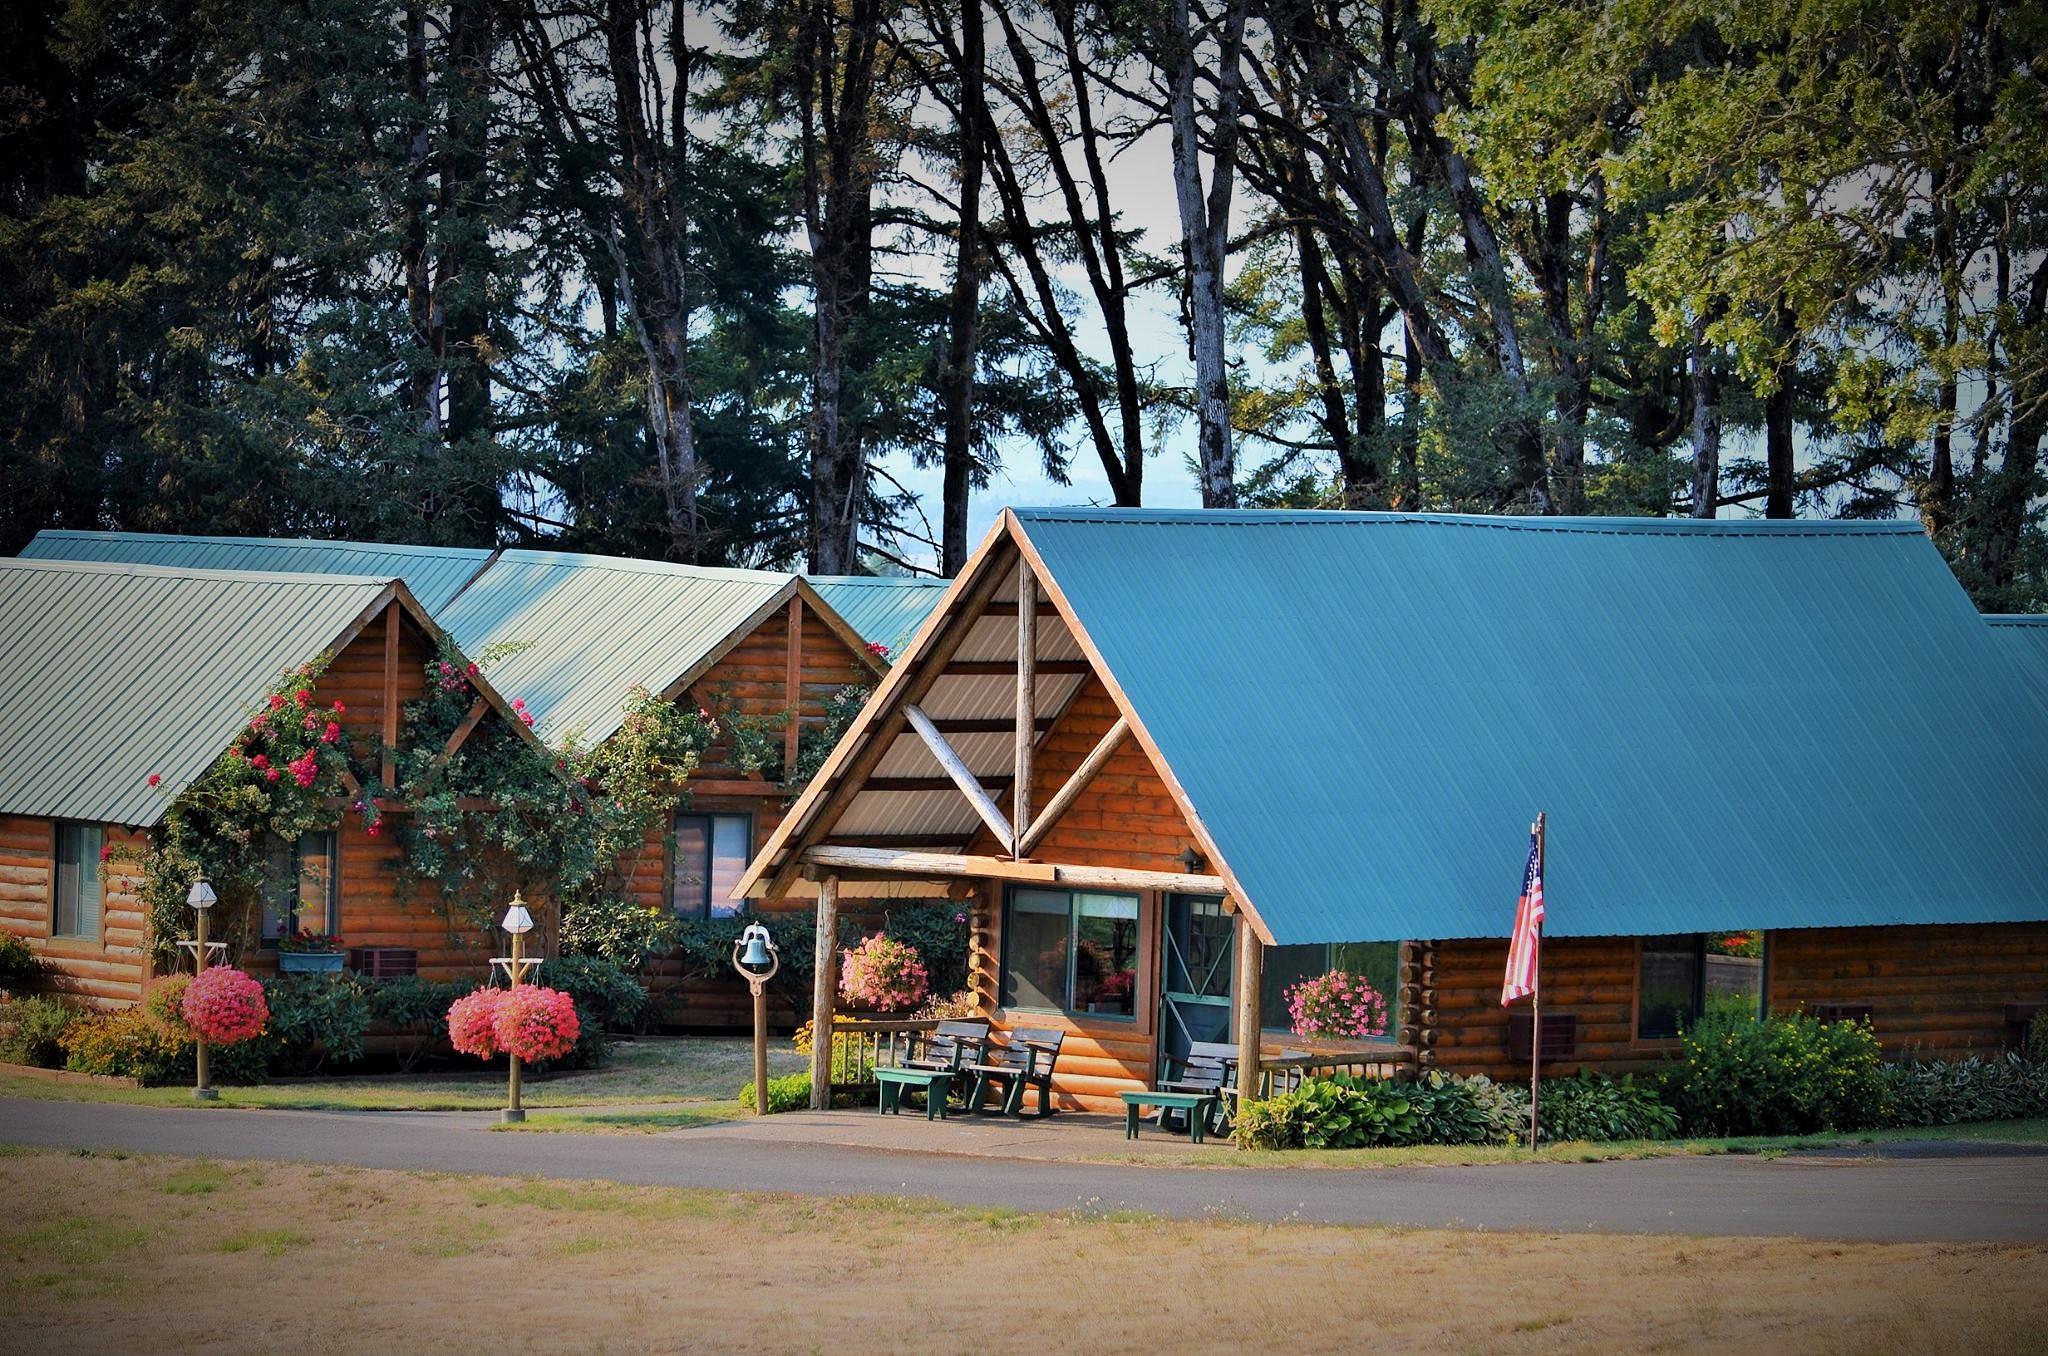 Lodges at Cherry Hill Vinyard by Boonietunes